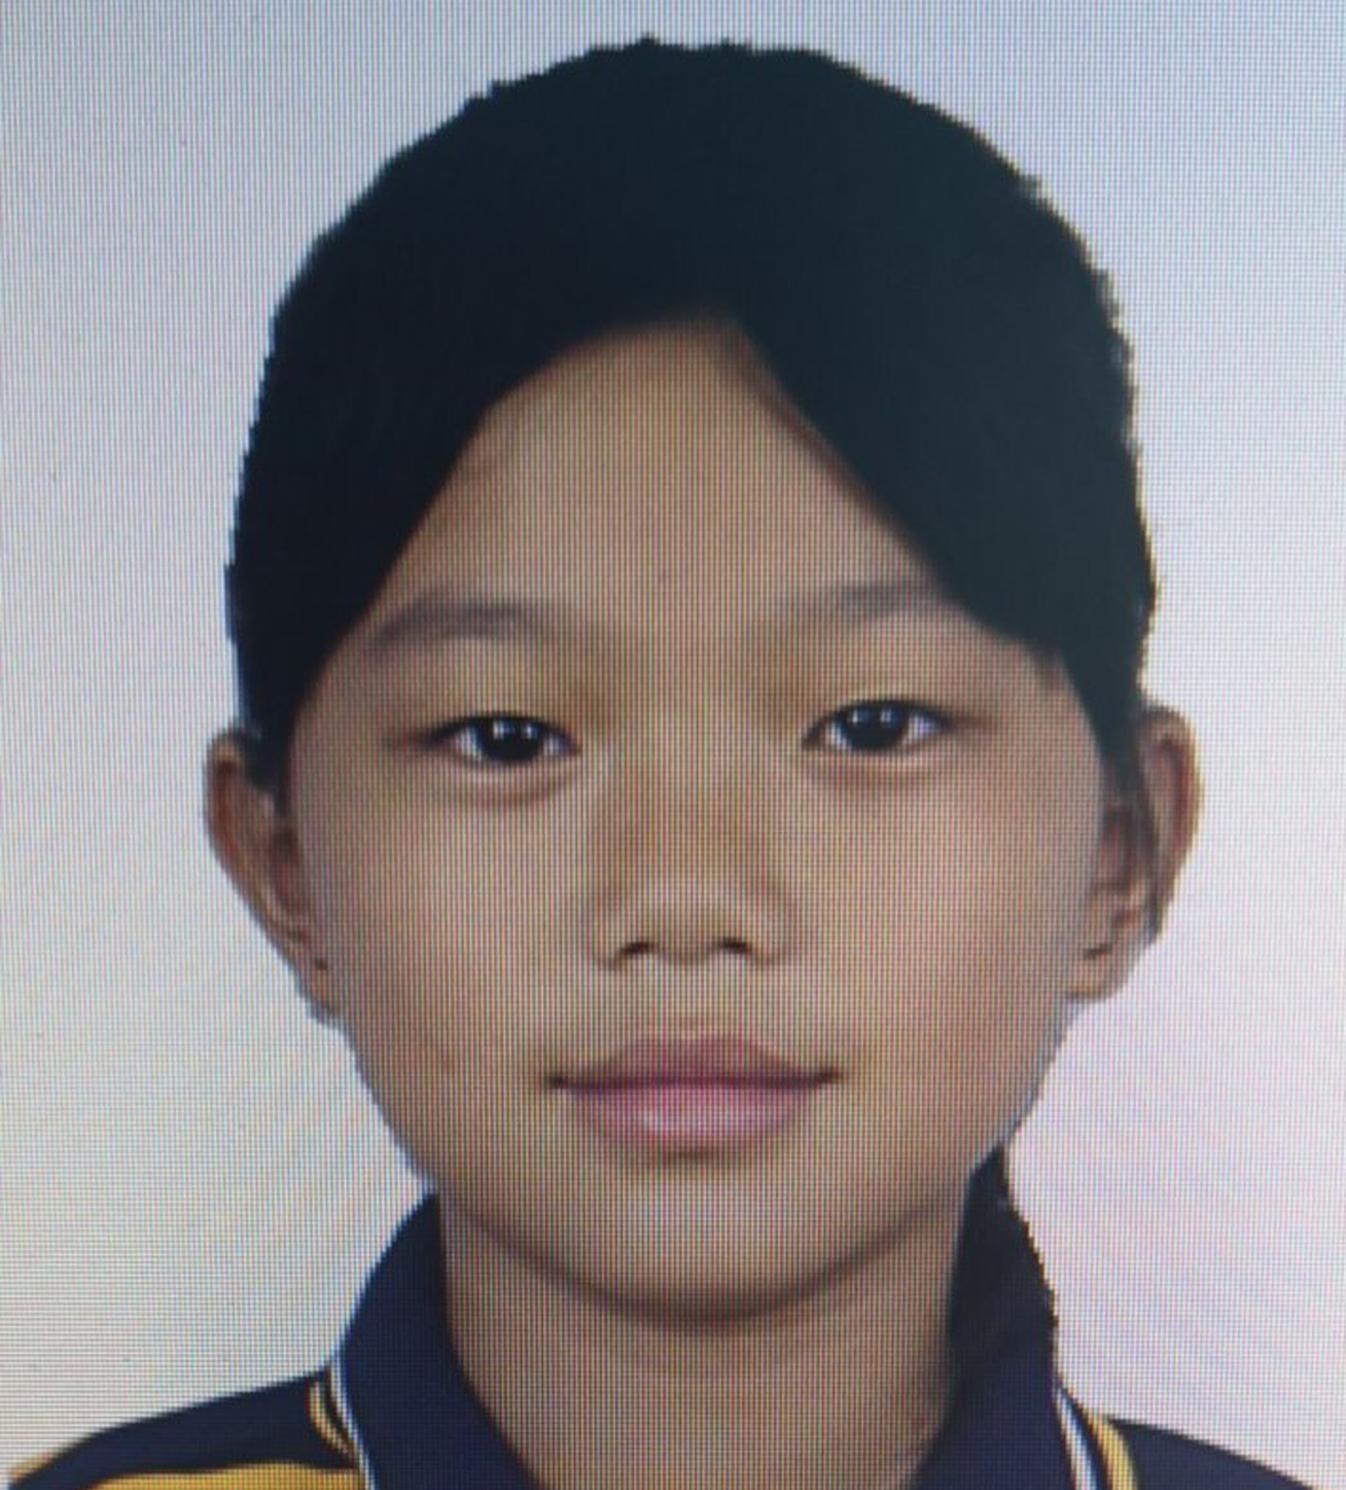 紧急寻人!文昌13岁女孩林小意在龙海路与257乡道交叉处走失,